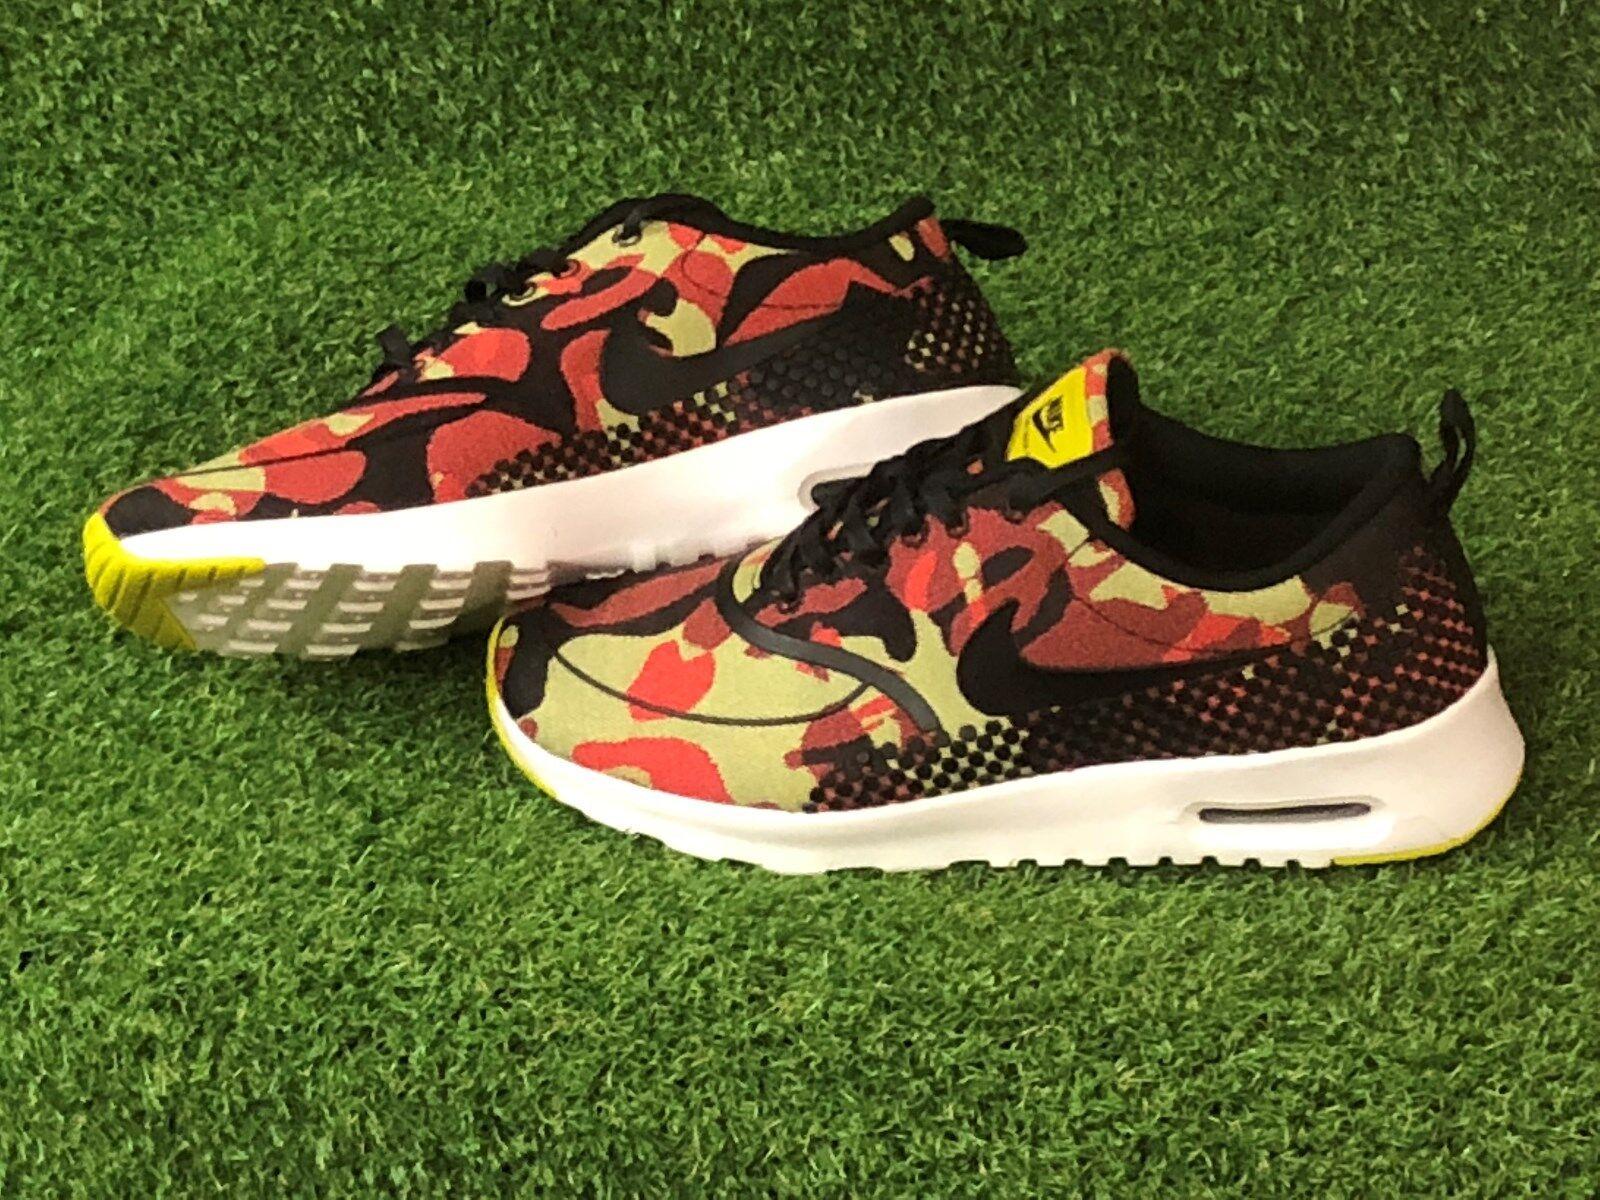 Nike WMNS AIR MAX Thea JCRD Premium Damen Damens  Gr. 40  - 40,5 NEU